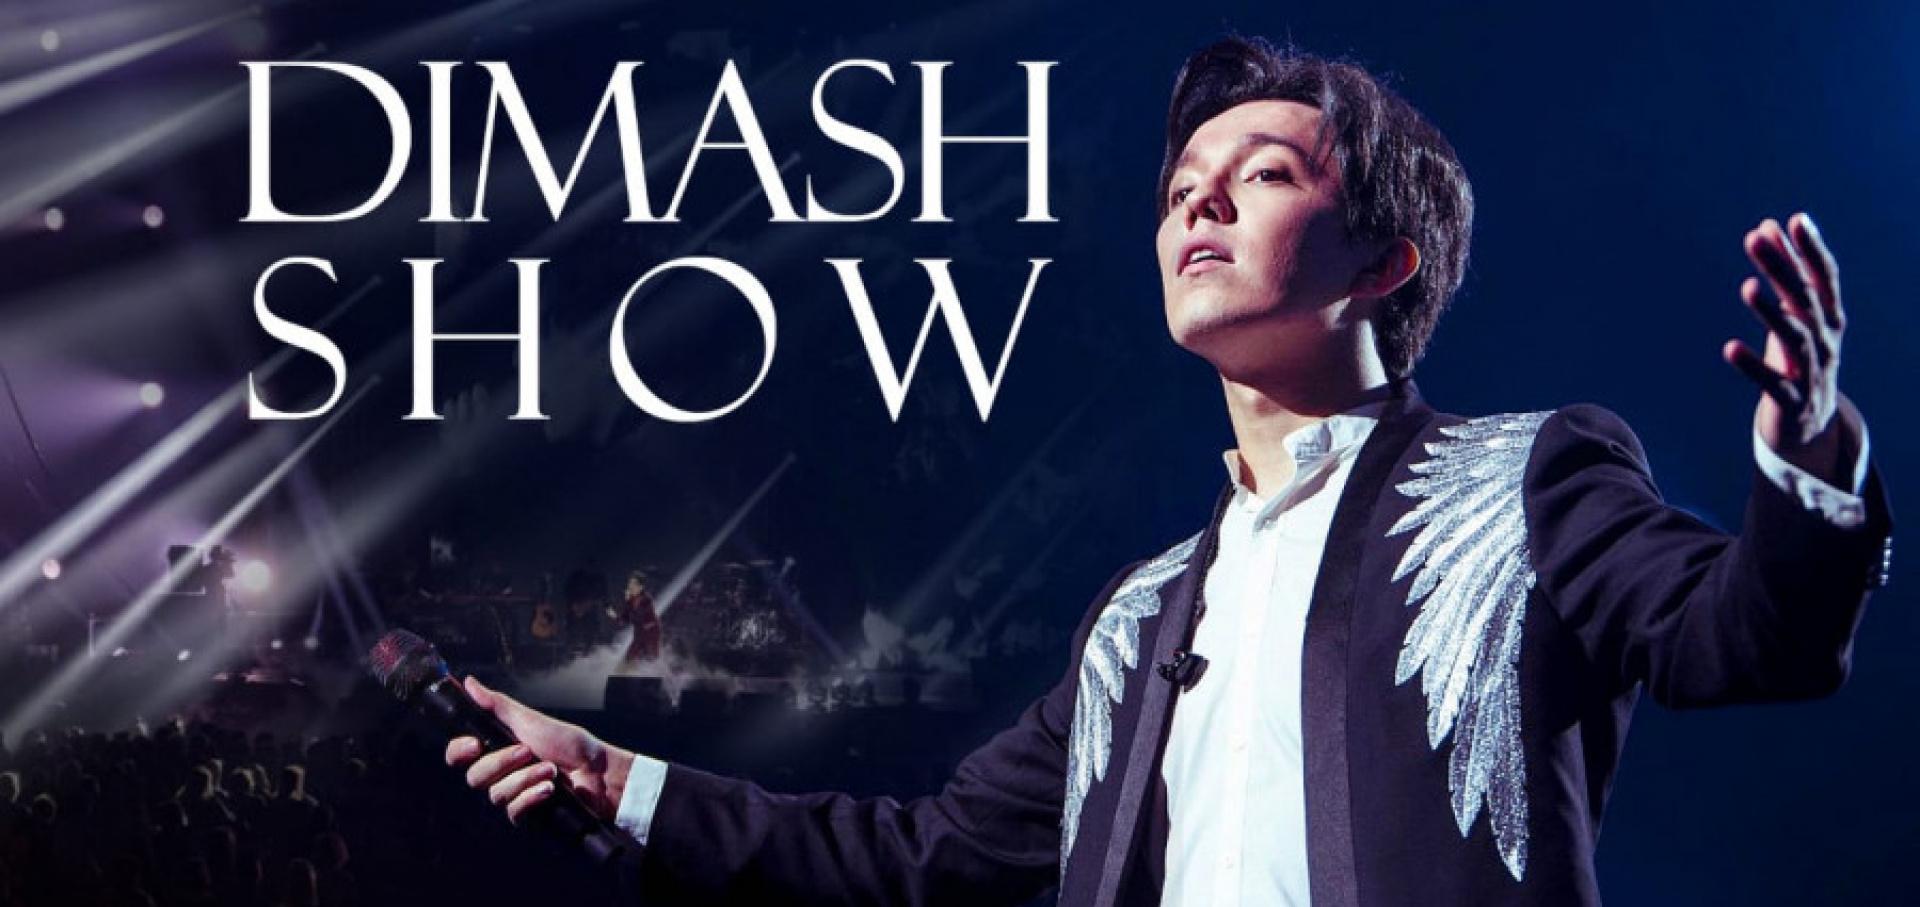 Dimash Show